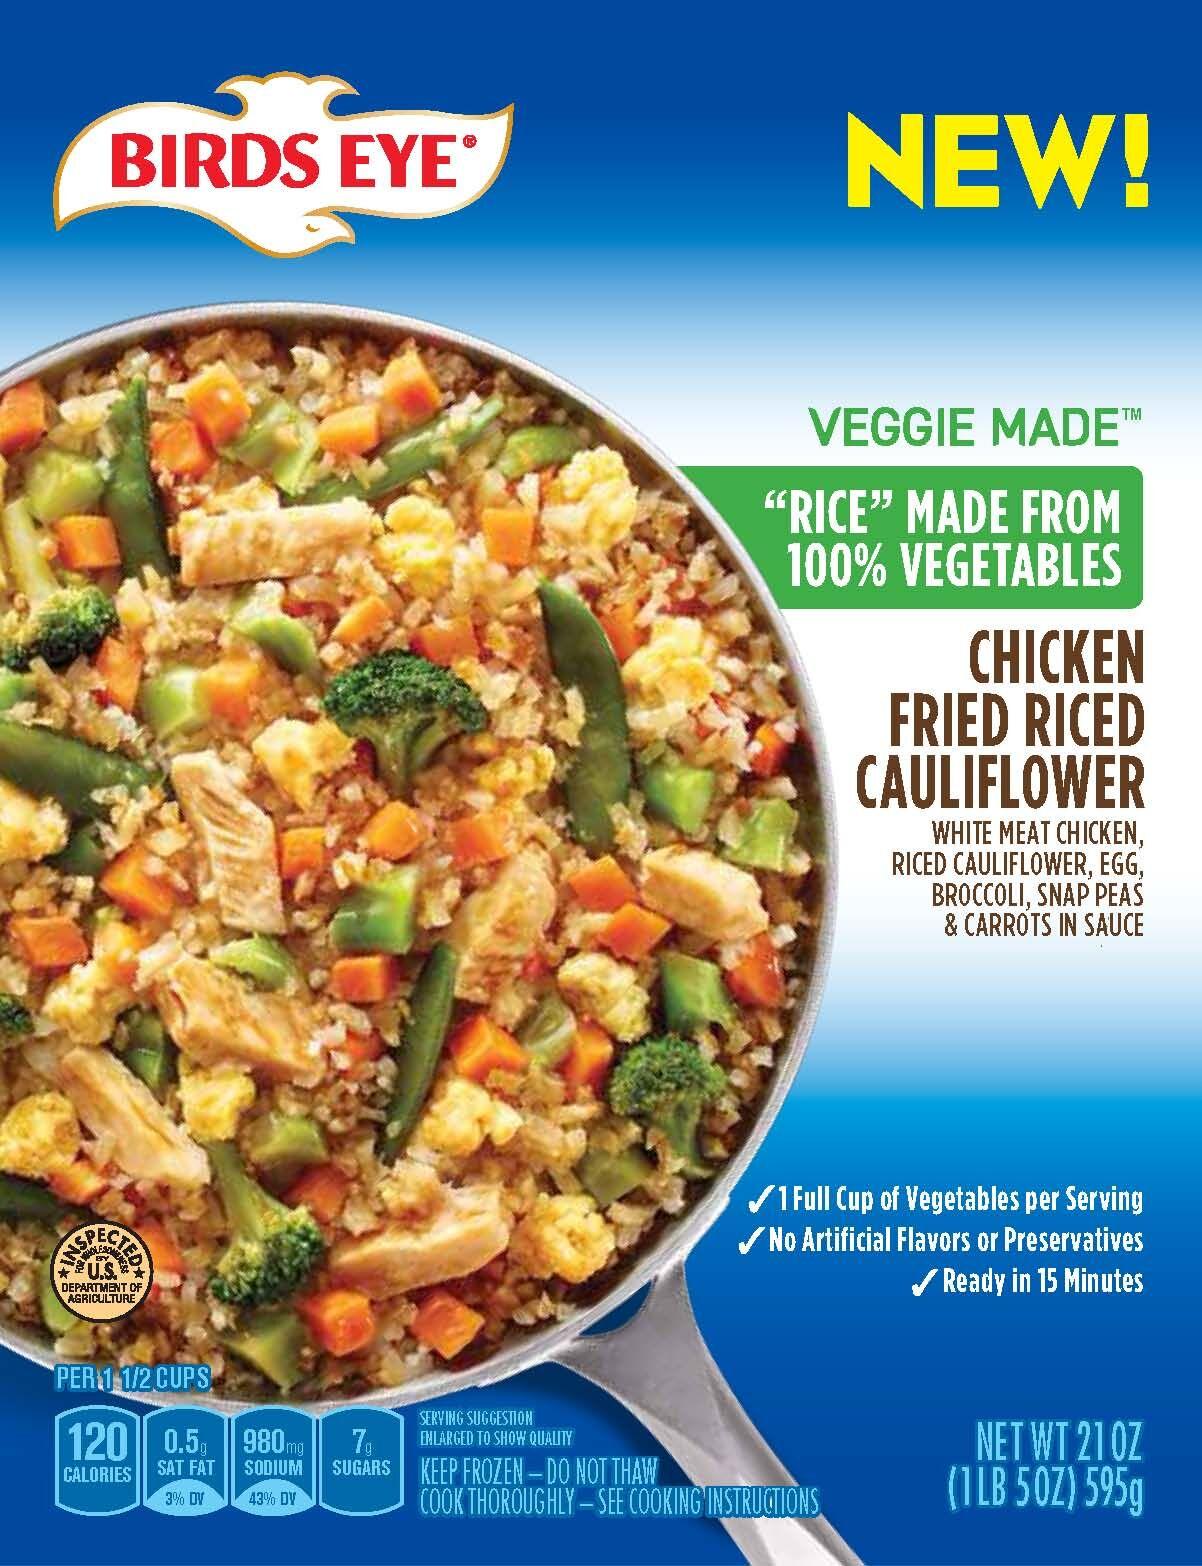 Birds Eye Veggie Made™ Chicken Fried Riced Cauliflower